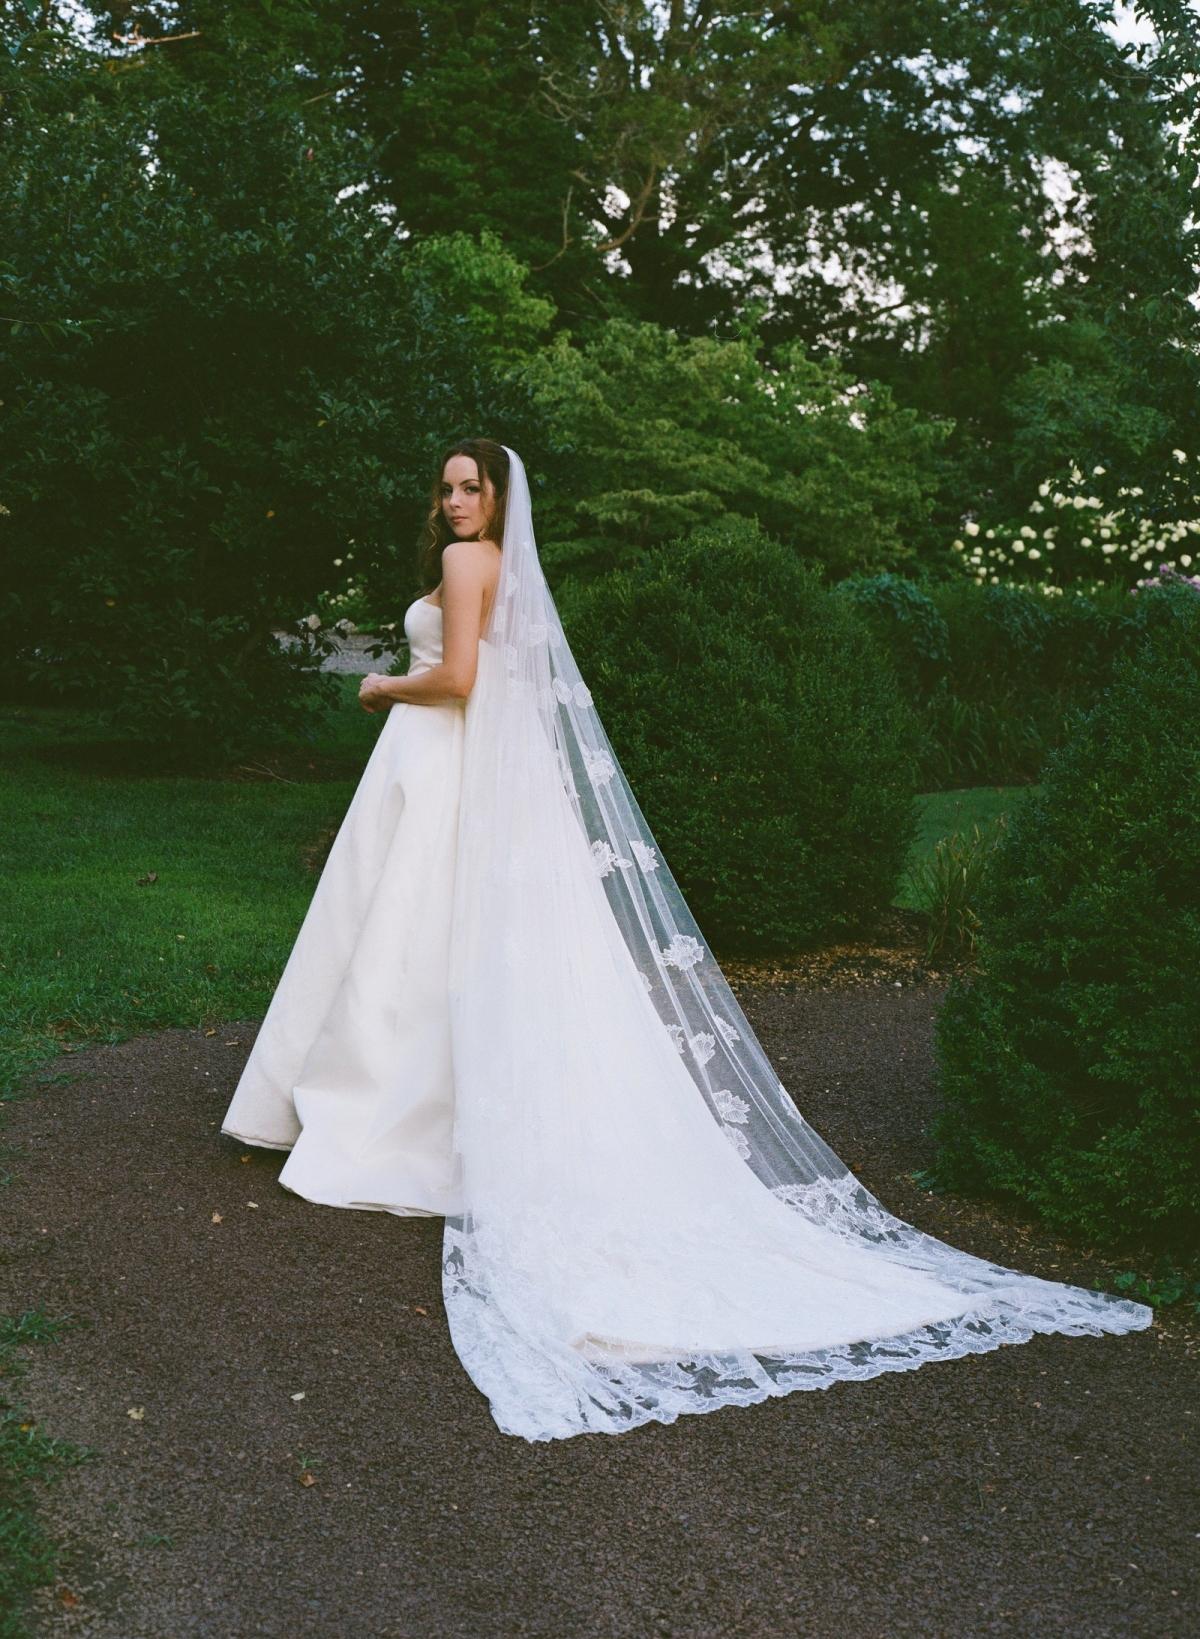 """Ban đầu, nữ diễn viên """"Dynasty"""" Elizabeth Gilles và nhà sản xuất âm nhạcMichael Corcoranđược cho là sẽ kết hôn vào tháng 4/2020 tại St. Regis ở Atlanta. Tuy nhiên, giống như rất nhiều cặp vợ chồng khác, đại dịch đã làm đảo lộn kế hoạch của họ - và khiến họ phải suy nghĩ lại mọi thứ. Thay vì một đám cưới xa hoa, cặp đôi đã tổ chứcđám cưới nhỏ tại một trang trại ở New Jersey.Cô dâu mặc một chiếc váy tuyệt đẹp của Oscar de la Renta./."""